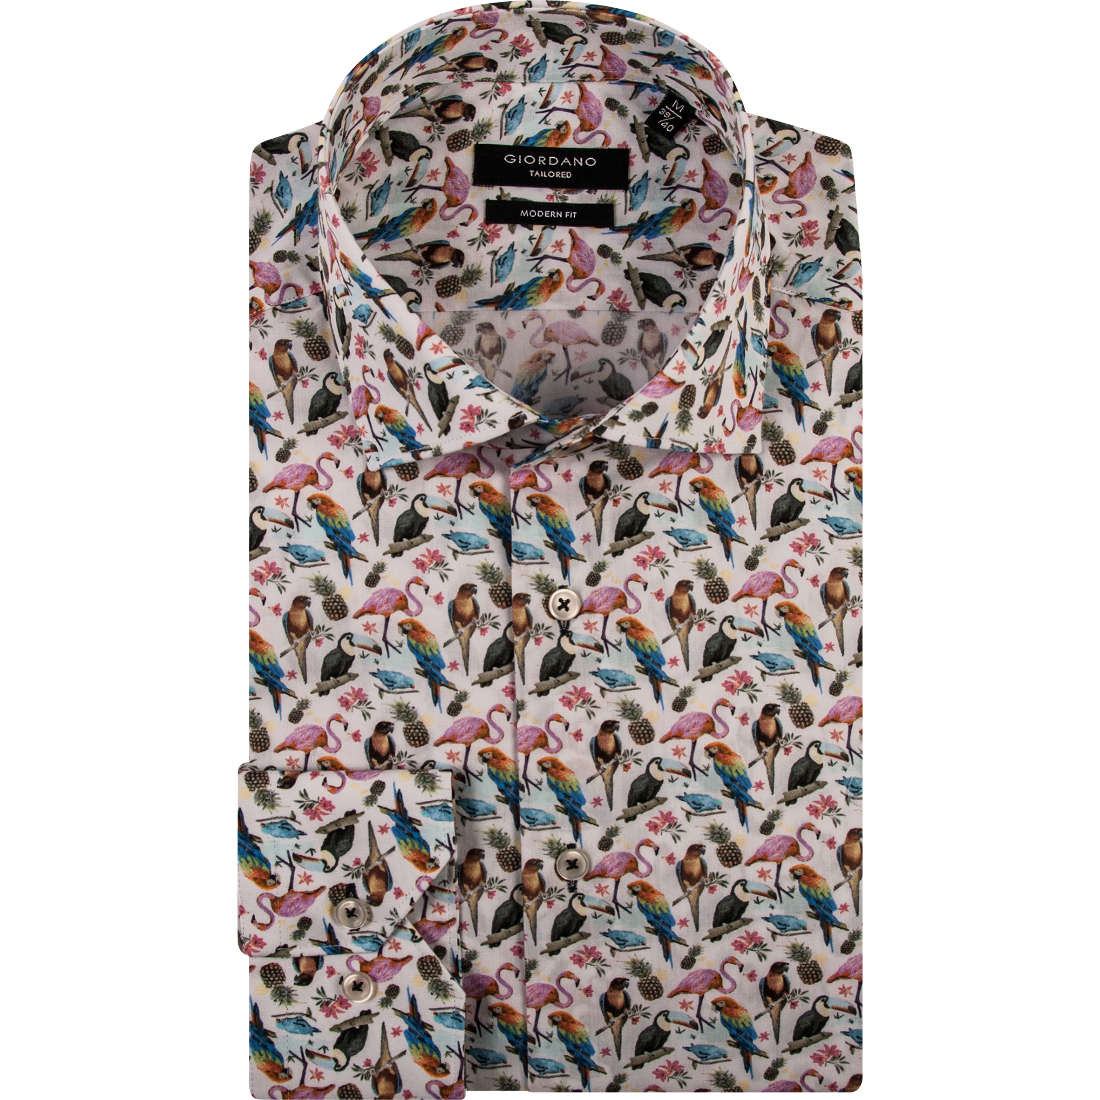 Giordano overhemd Modern Fit 91-7815 in het Multicolor